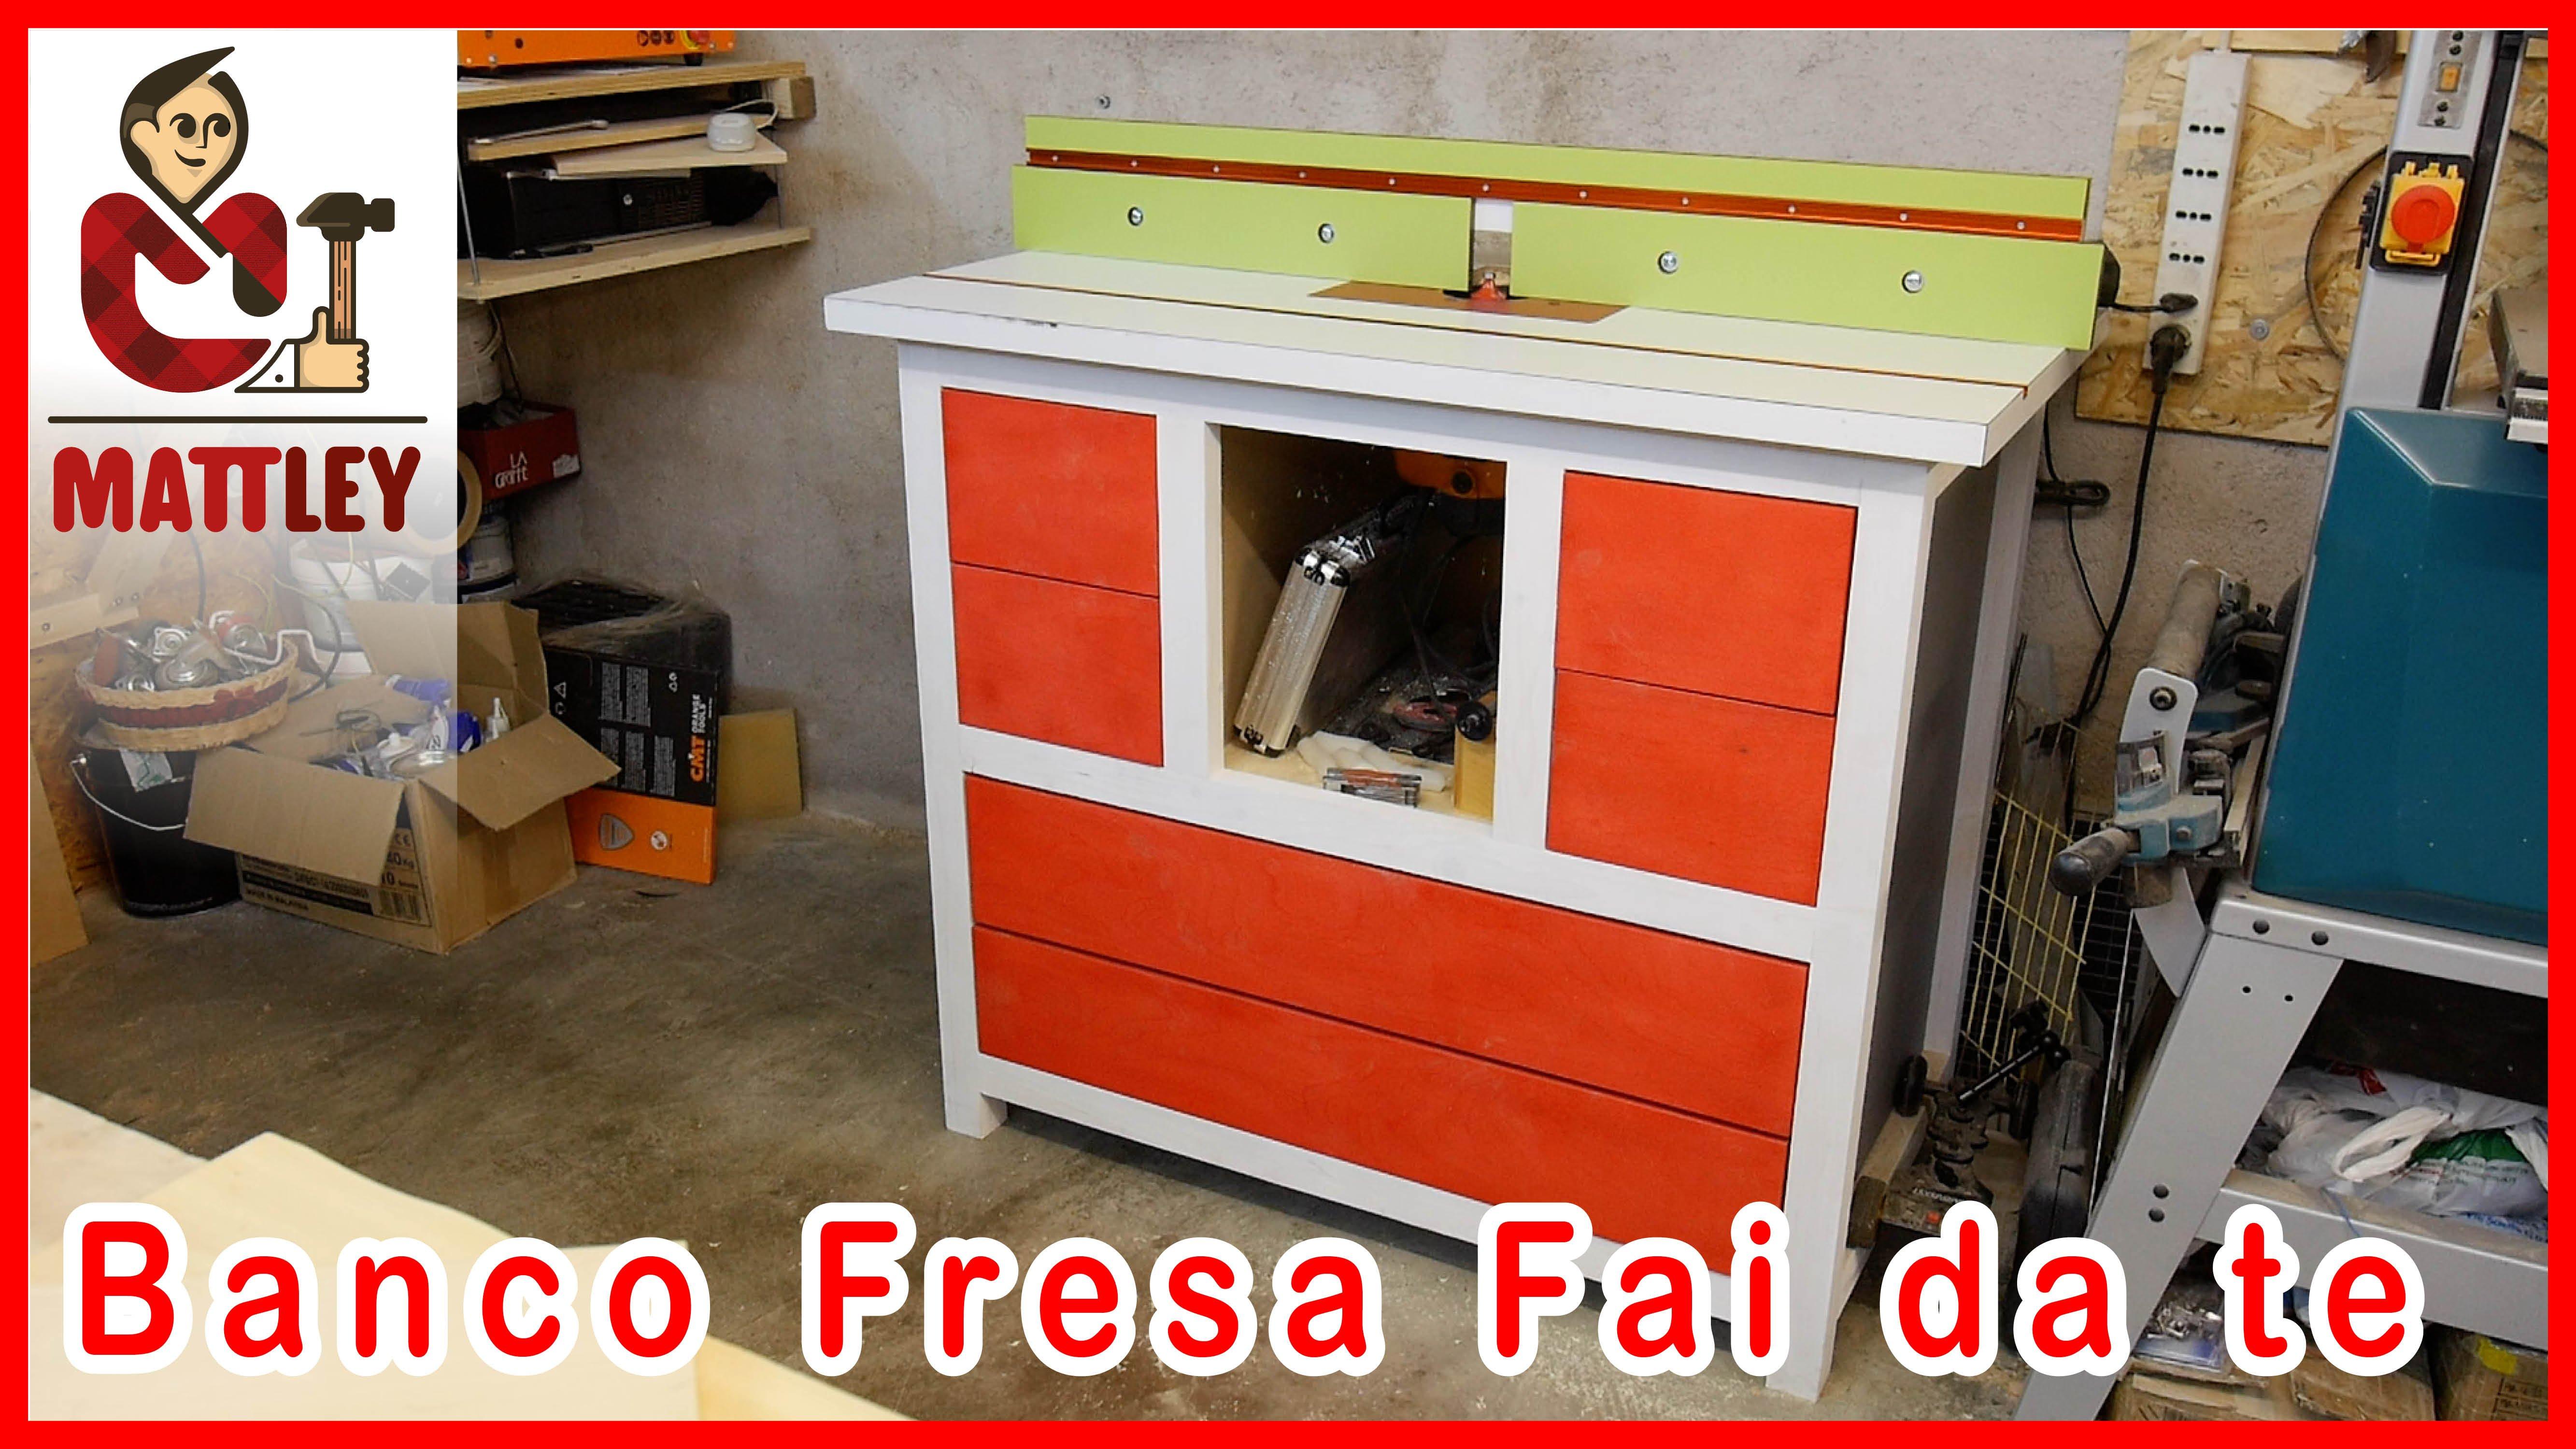 Banco fresa legno usato for Progetti fai da te legno pdf